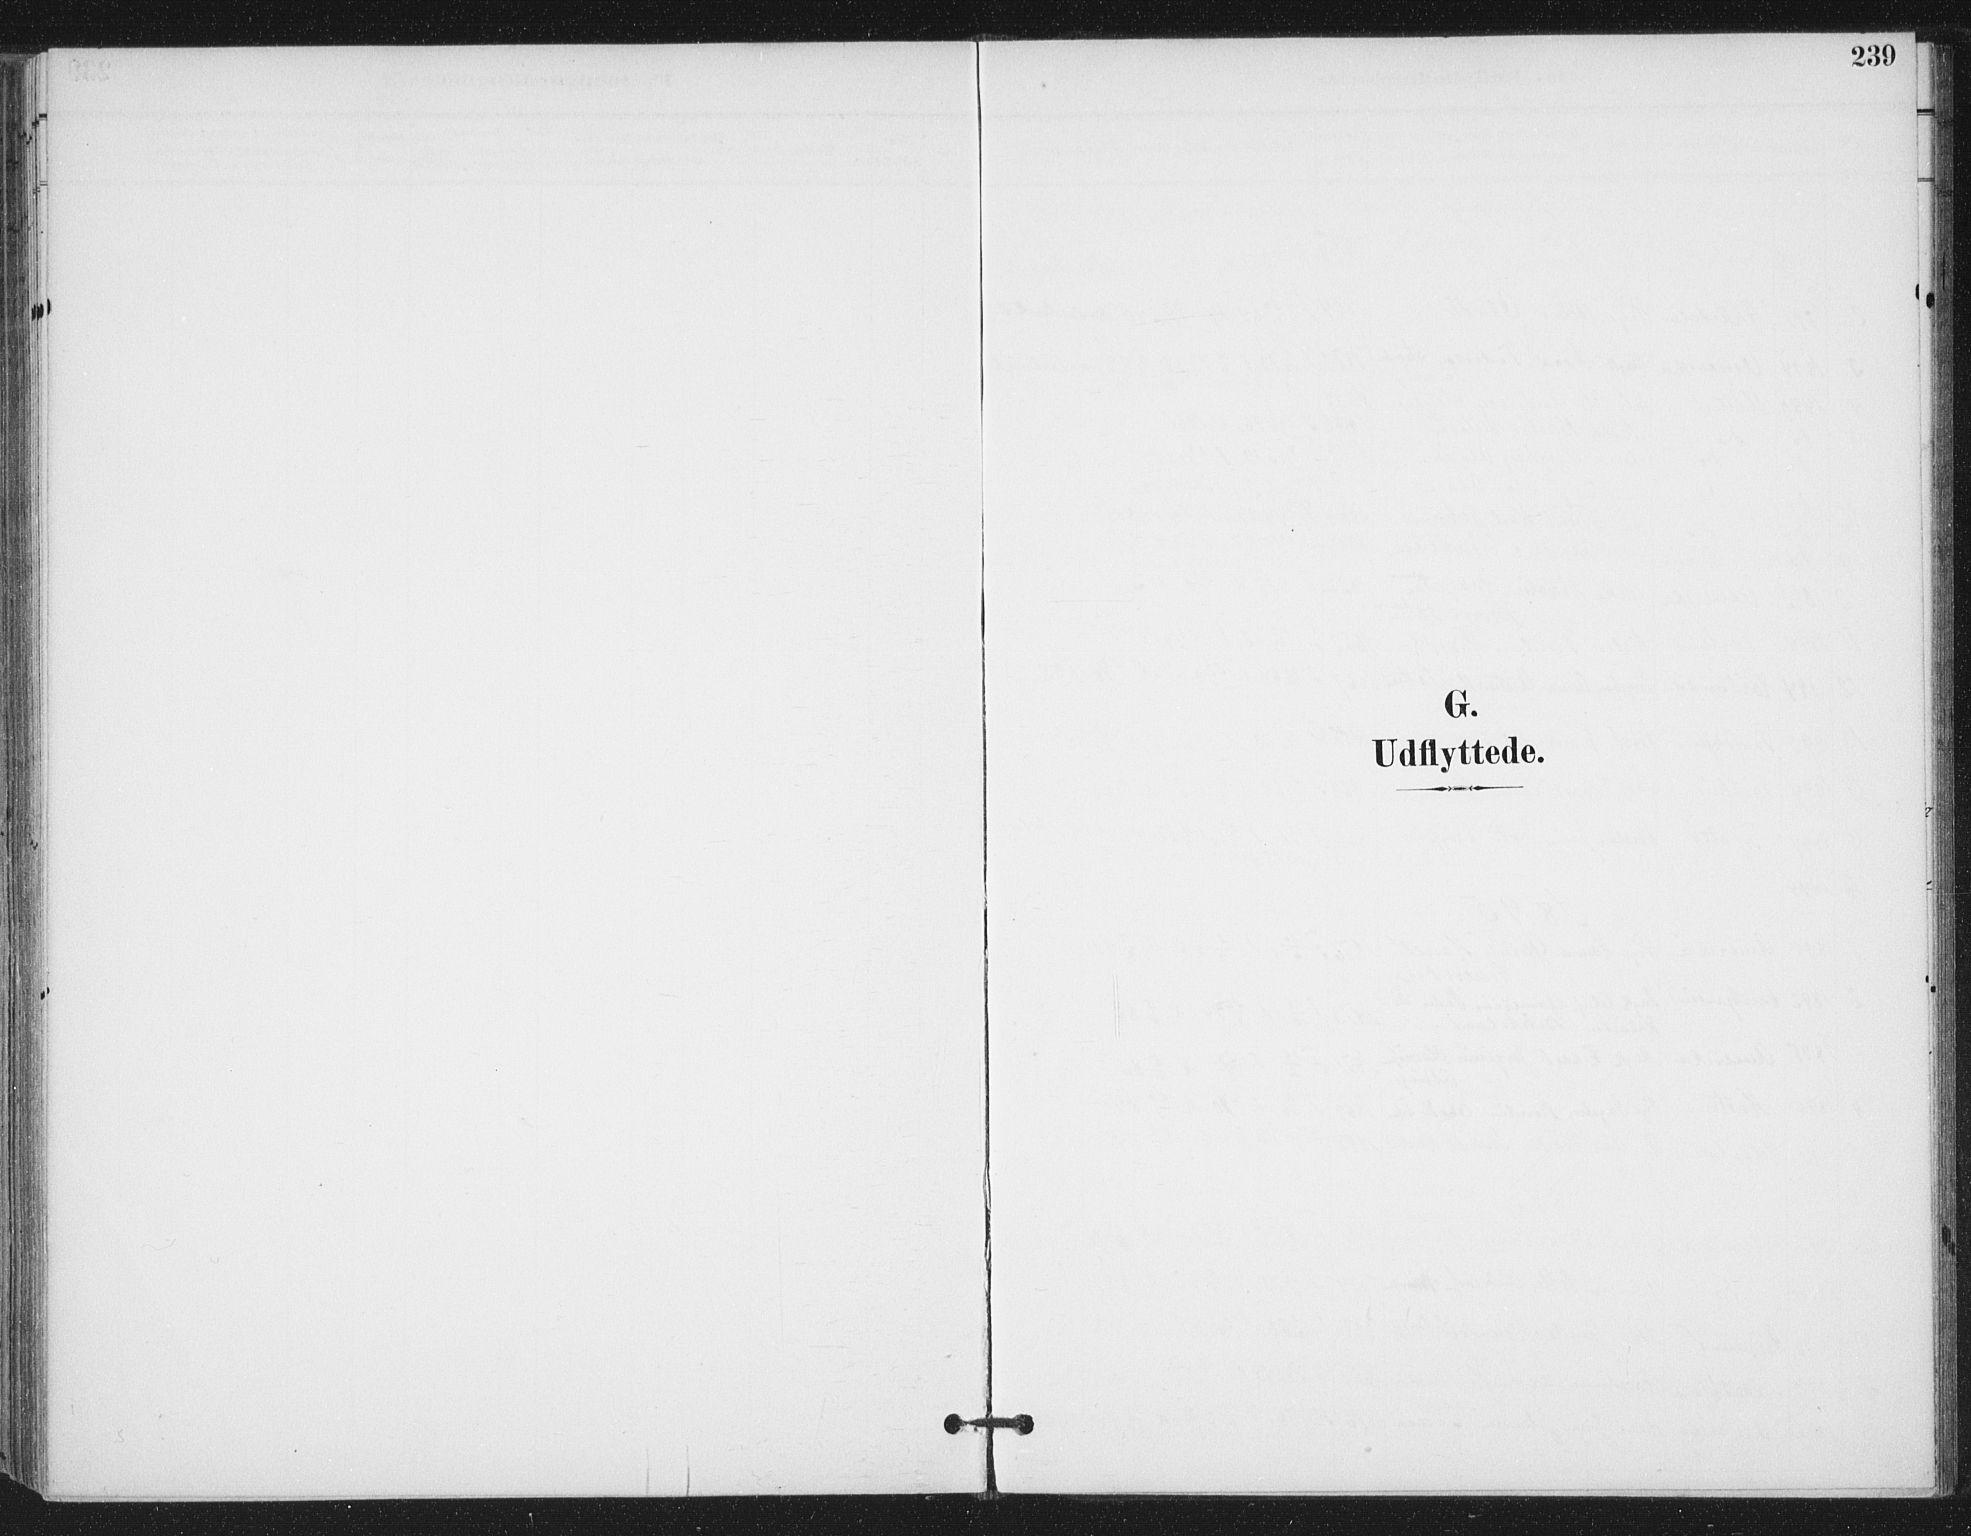 SAT, Ministerialprotokoller, klokkerbøker og fødselsregistre - Sør-Trøndelag, 657/L0708: Ministerialbok nr. 657A09, 1894-1904, s. 239